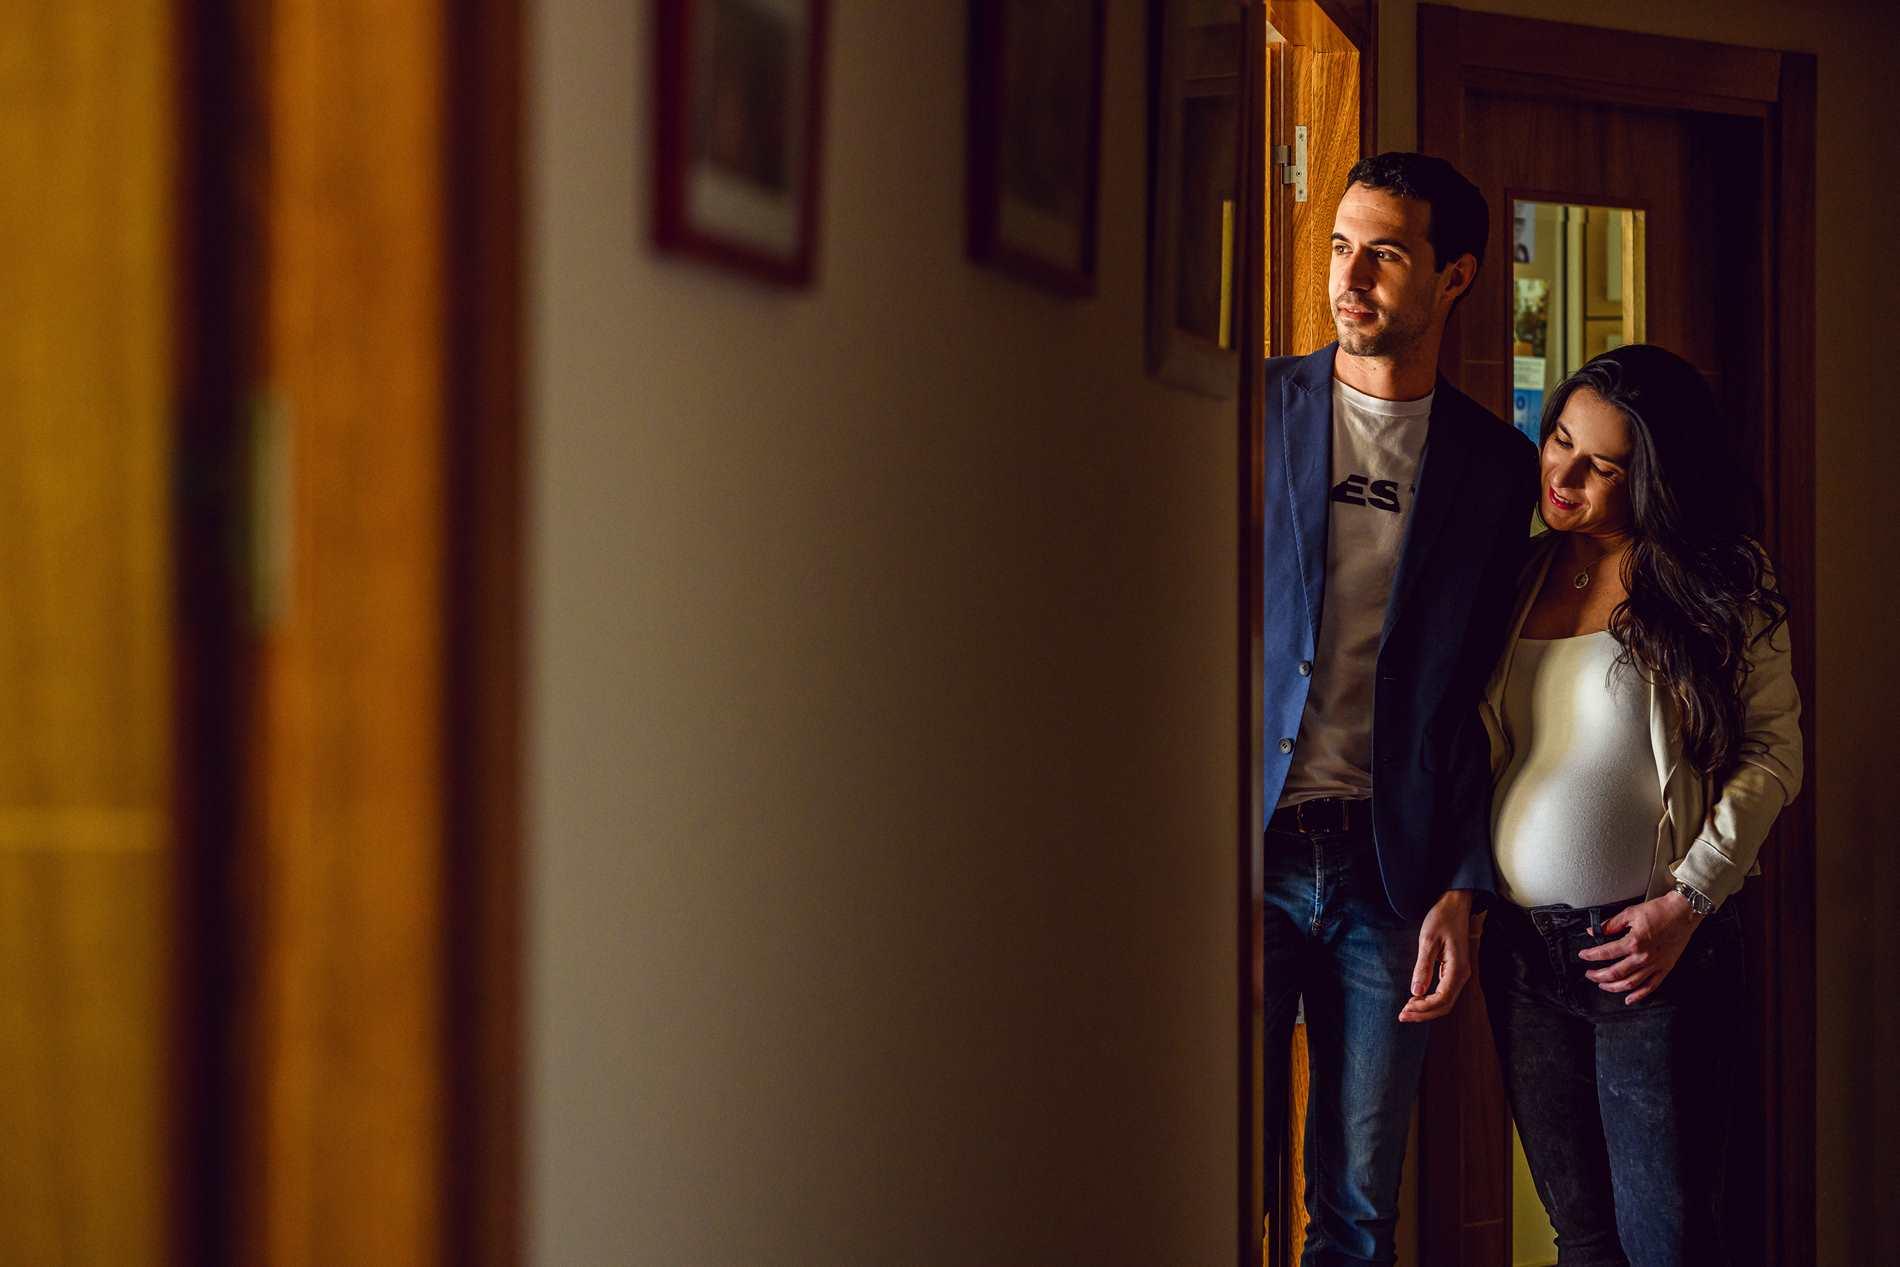 Sesión de fotos embarazada en casa ❤️